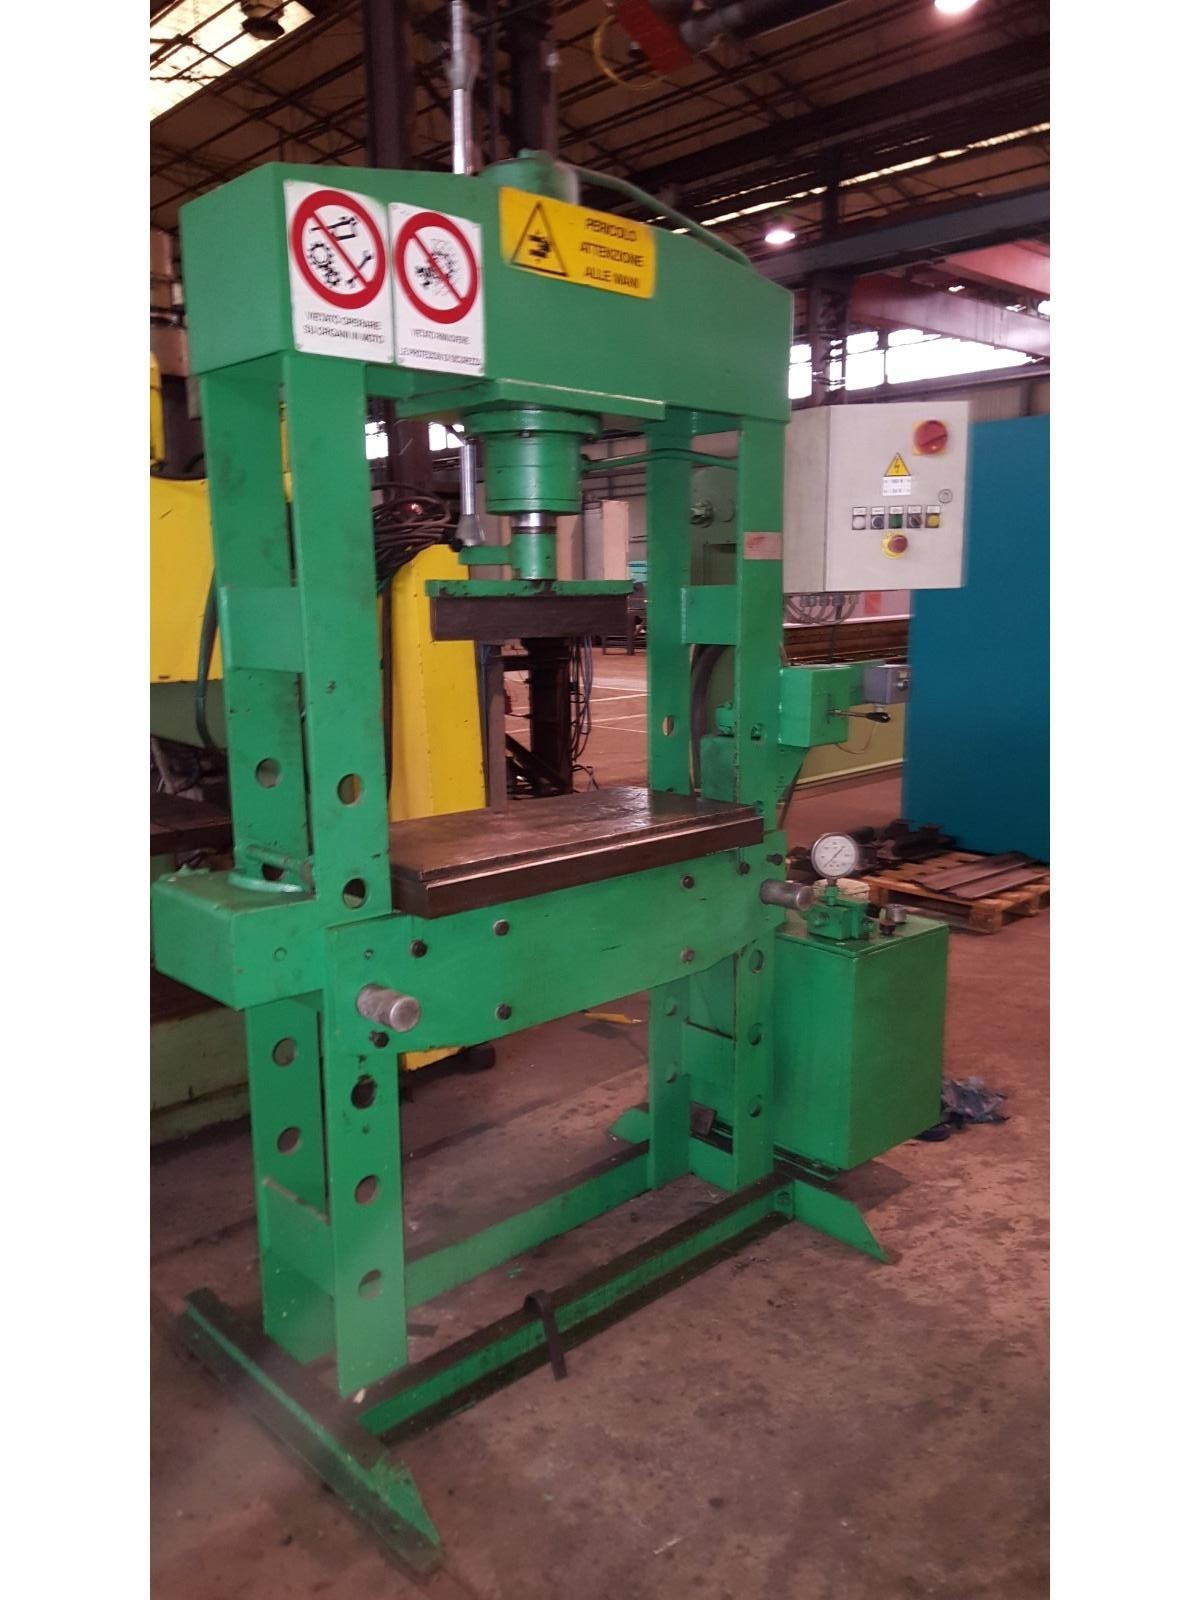 Pressa per officina 50 ton for Pressa usata per officina